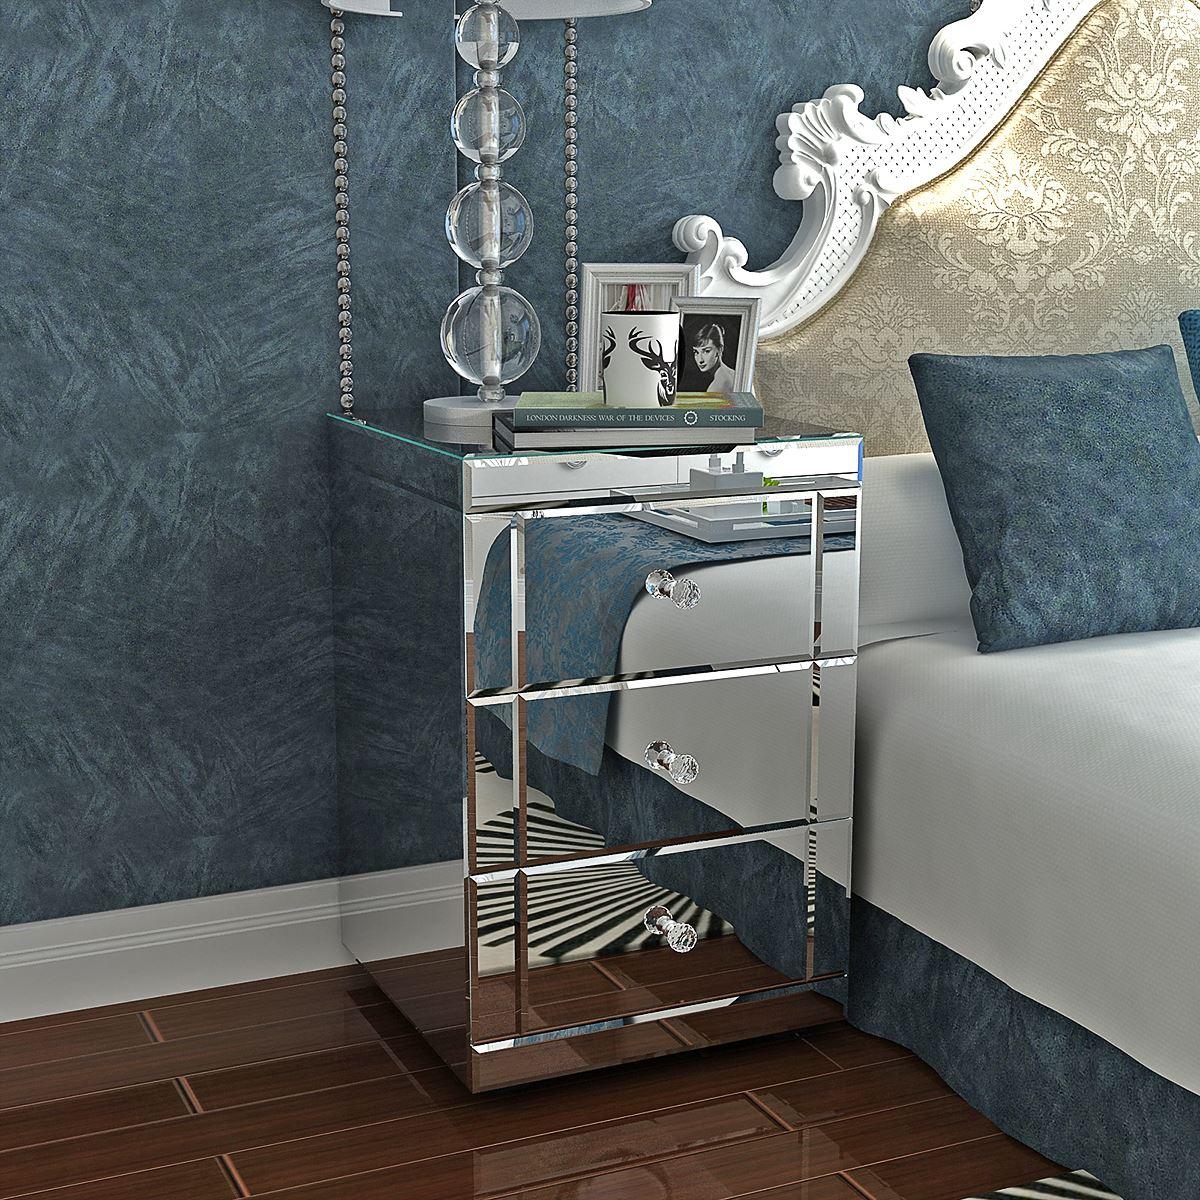 Panana aynalı komodin/başucu masa/göğüs 3 çekmeceli yatak odası komidin